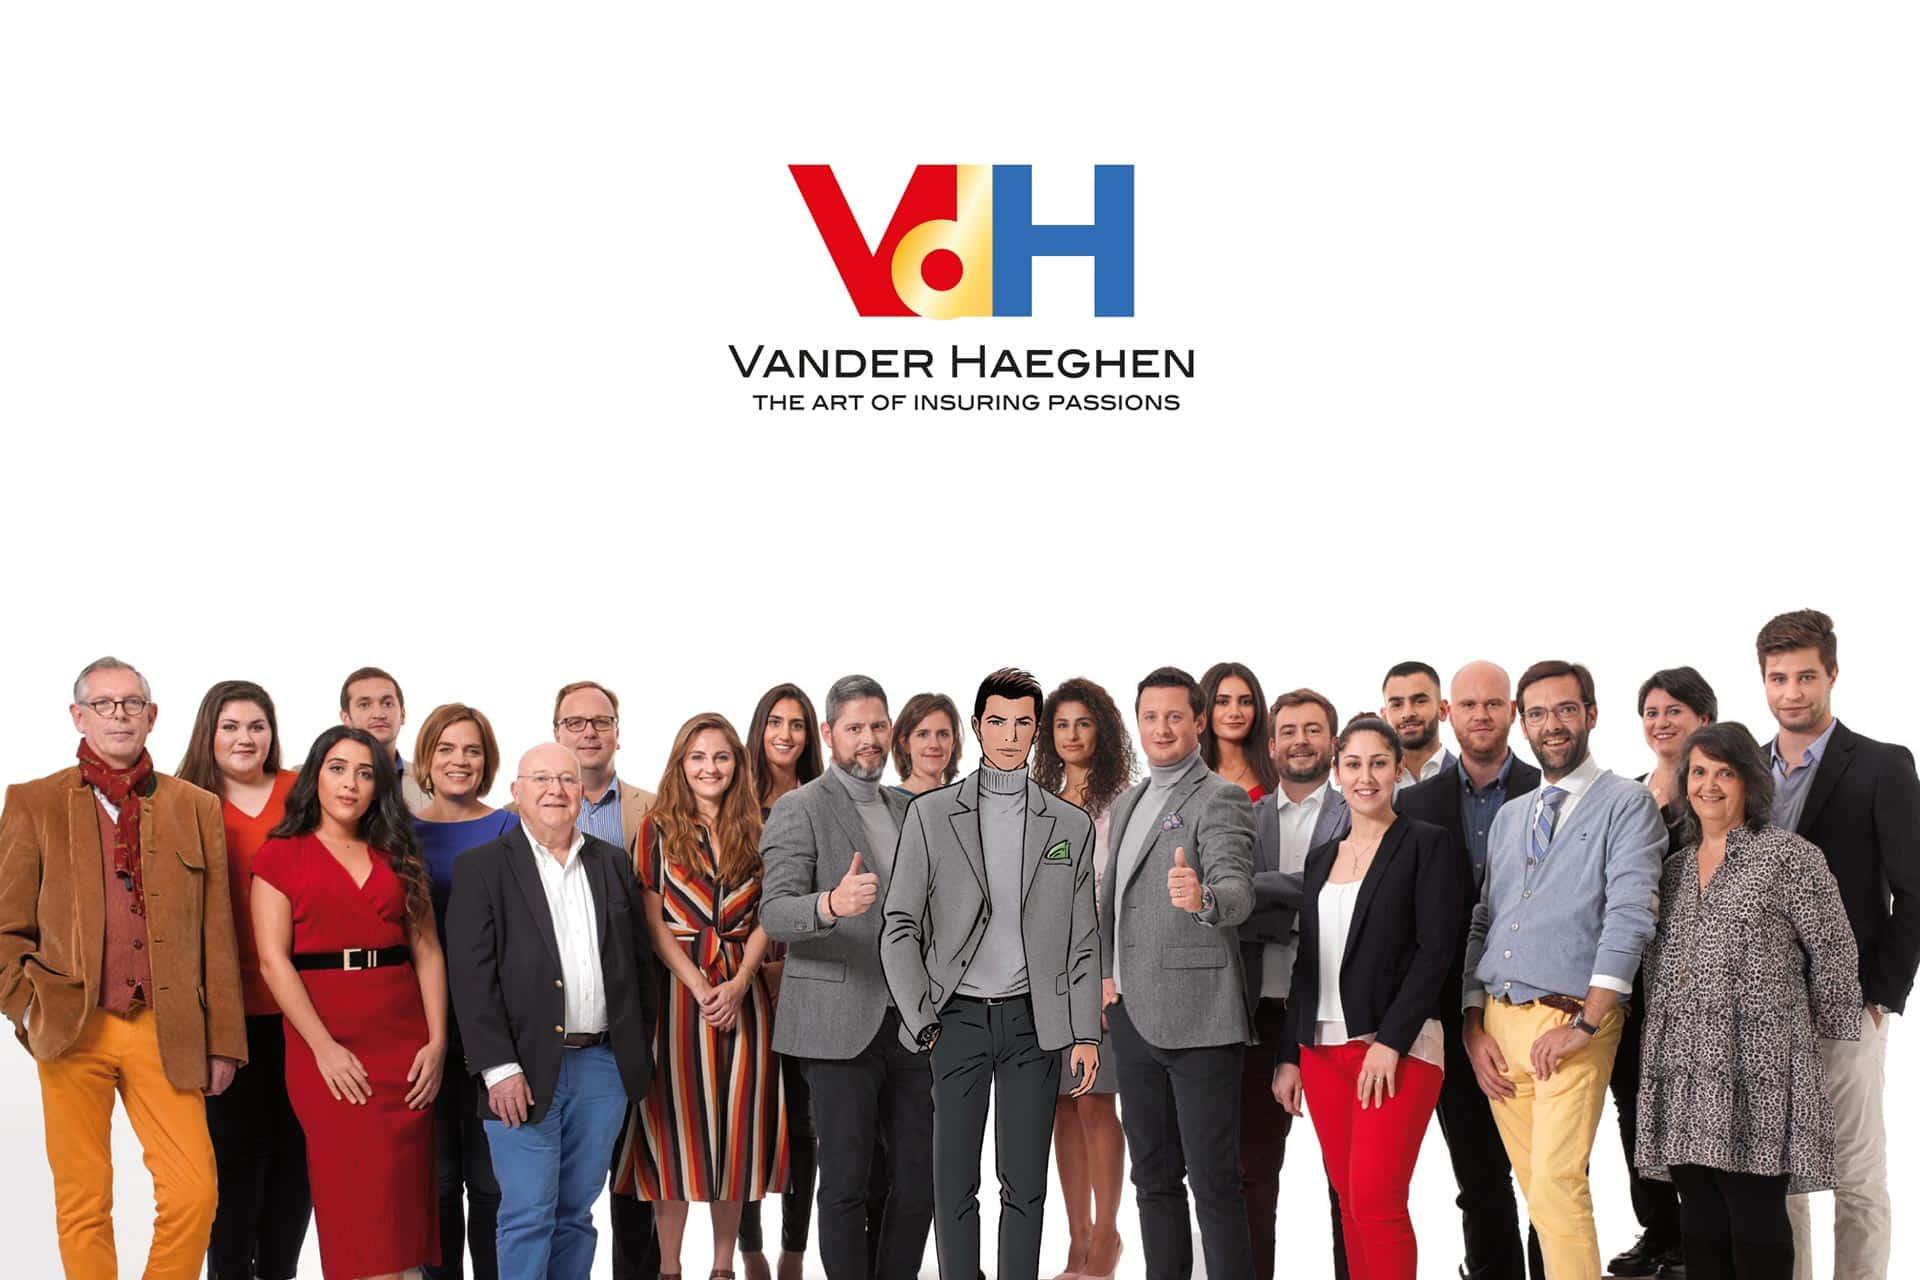 Photo entreprise Vander Haeghen VDH 2019 avec Jack V